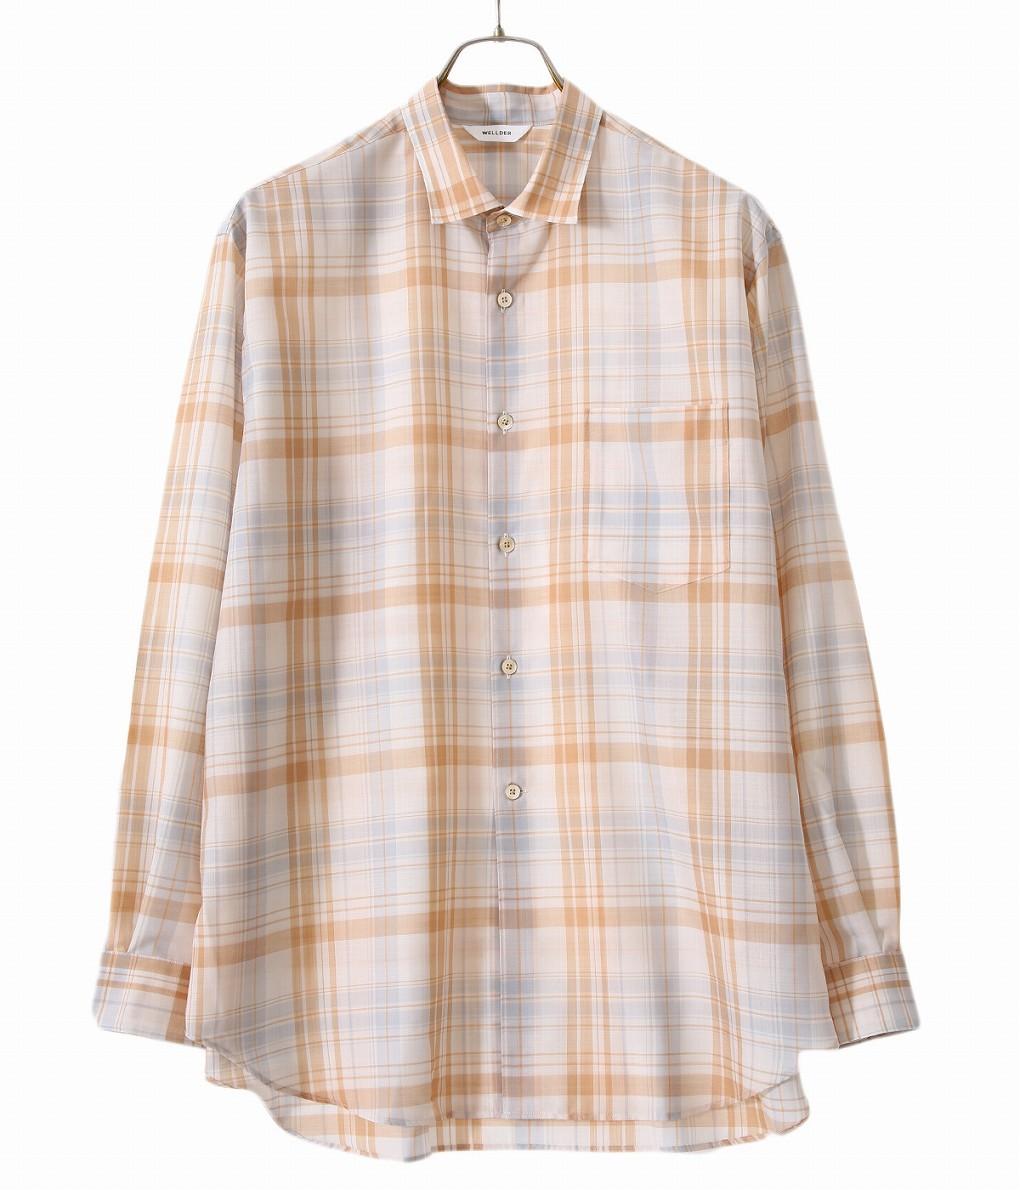 WELLDER / ウェルダー : WELLDER Standard Shirt -IVORY / HAZEL- : ウェルダー スタンダード シャツ メンズ : WM20SSH03-ivory-hazel 【NOA】【BJB】